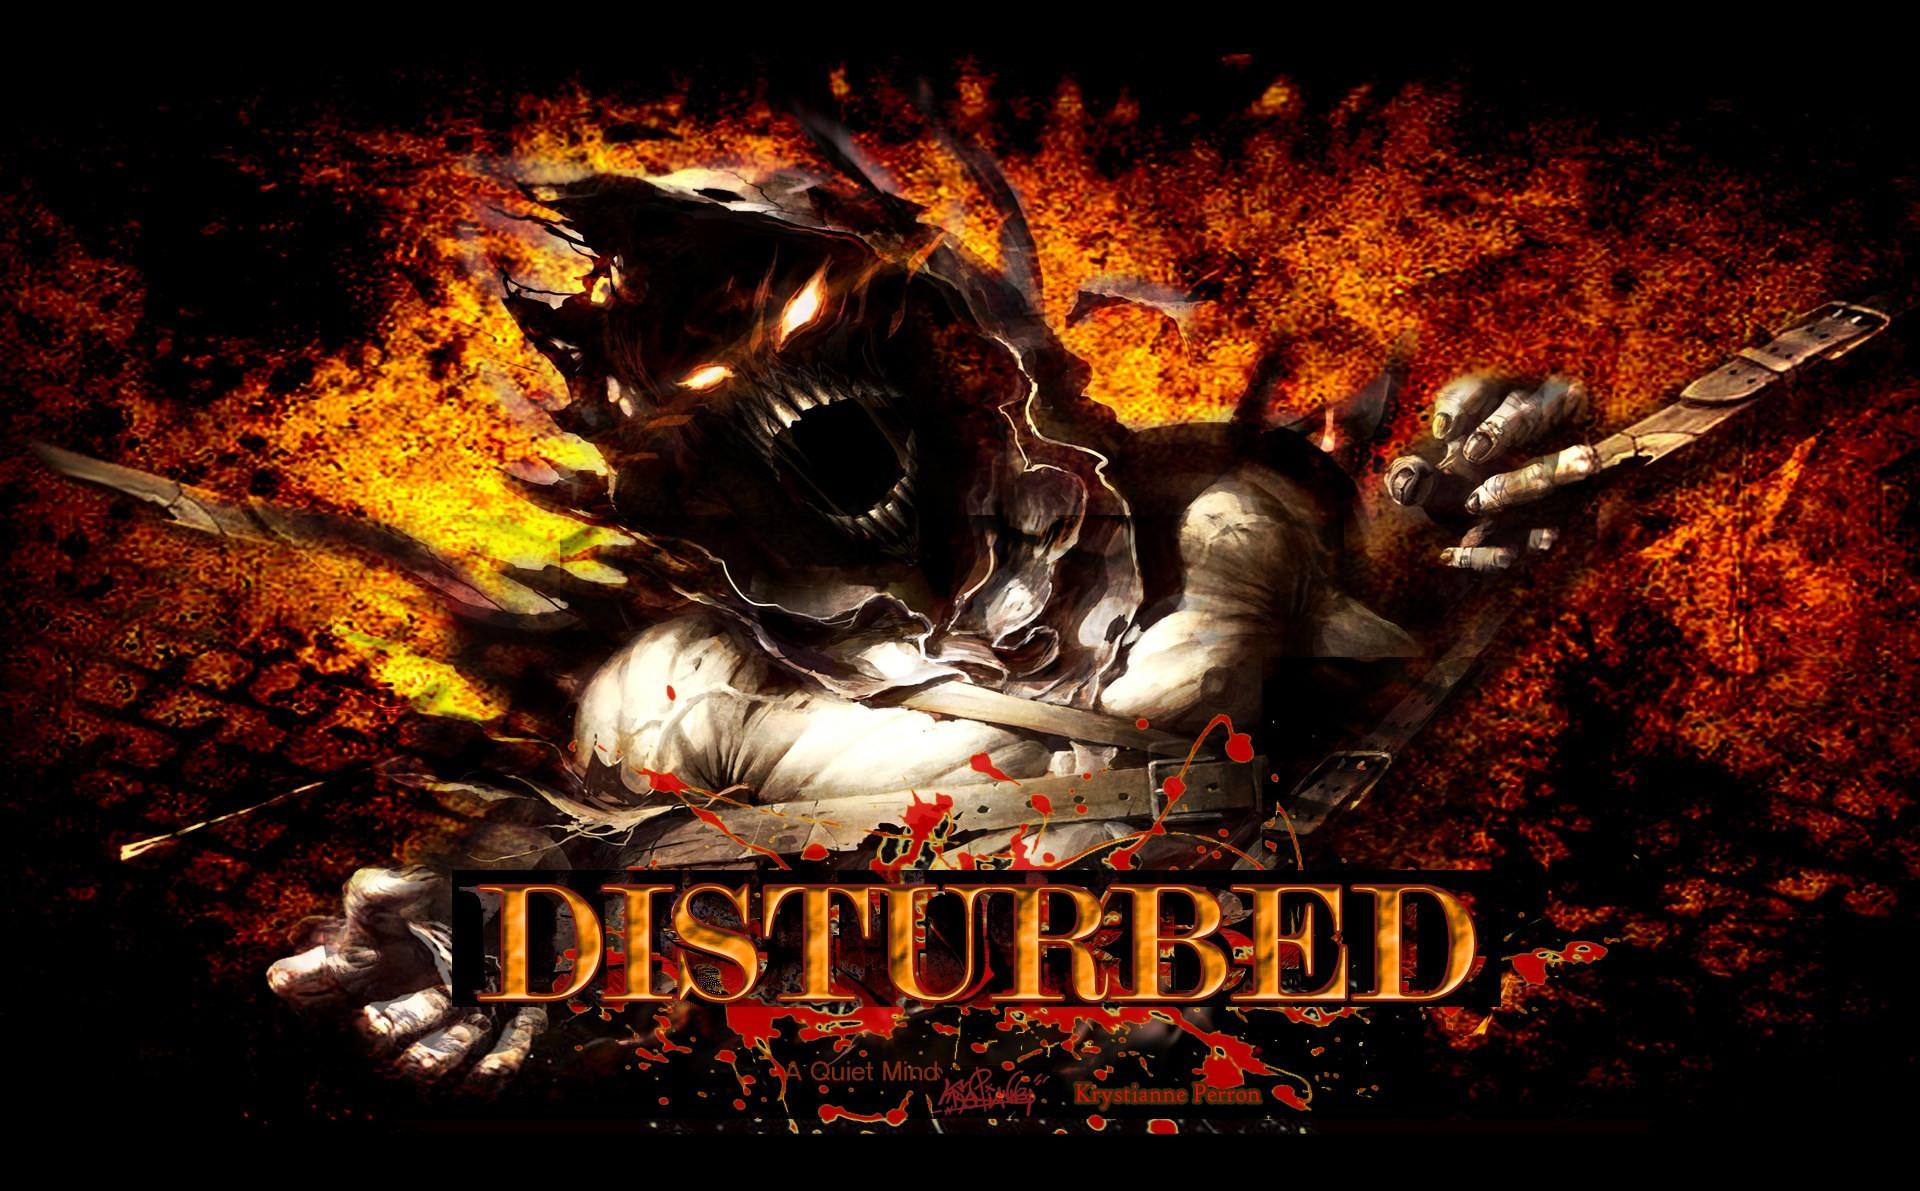 disturbed immortalized wallpaper hd …